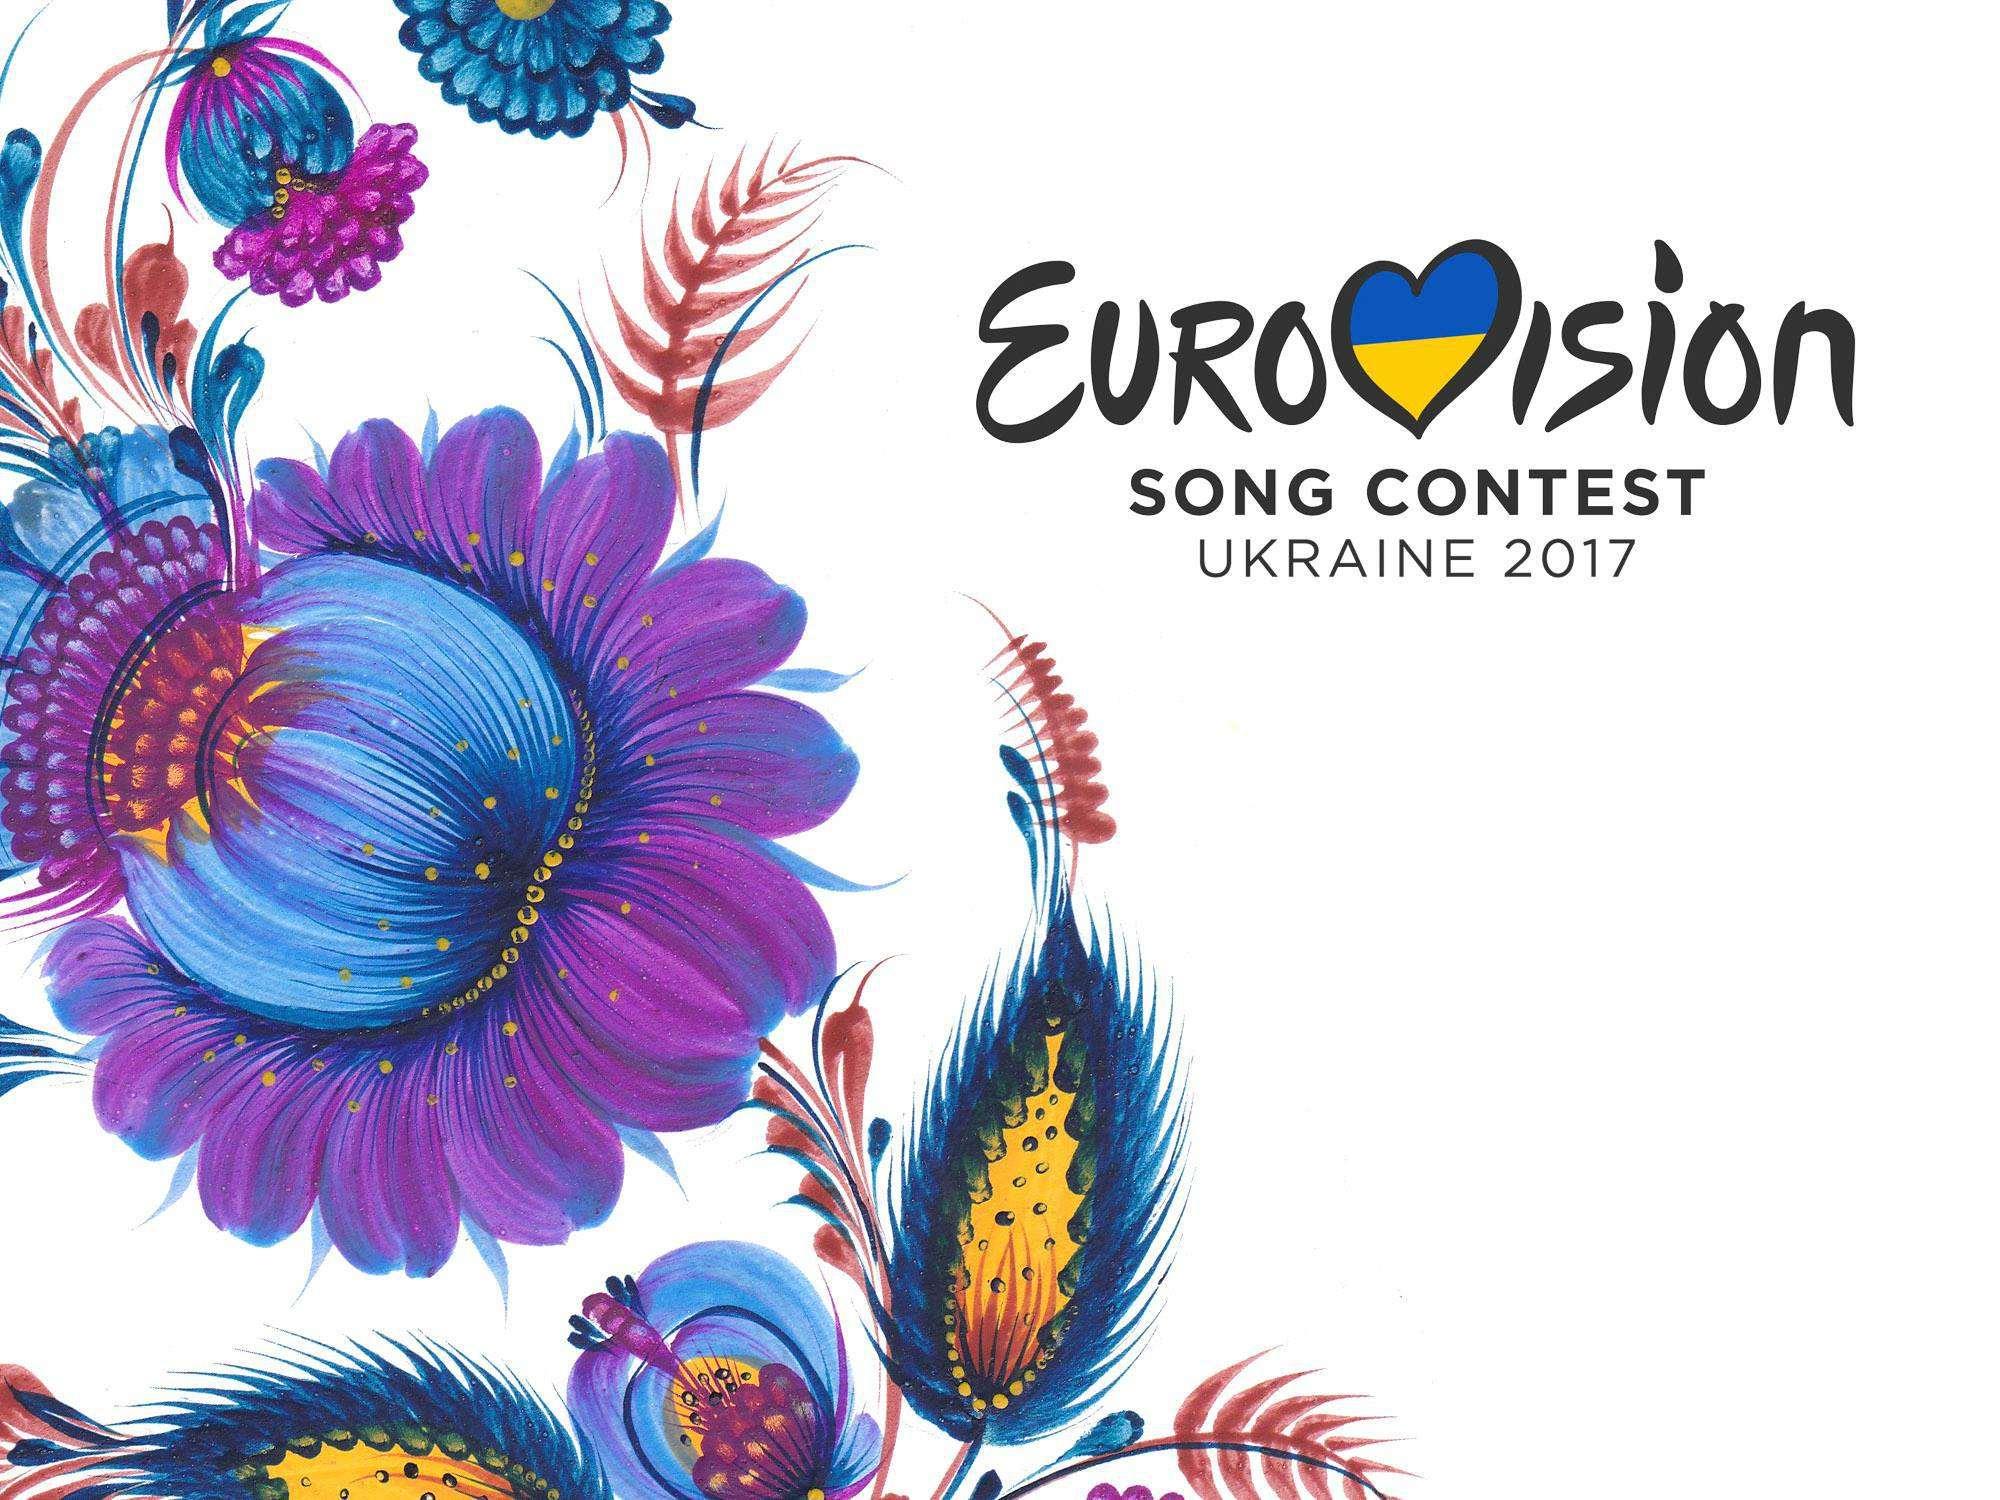 Eurovisión se celebrará en Ucrania en 2017, ¿con Ruth Lorenzo?